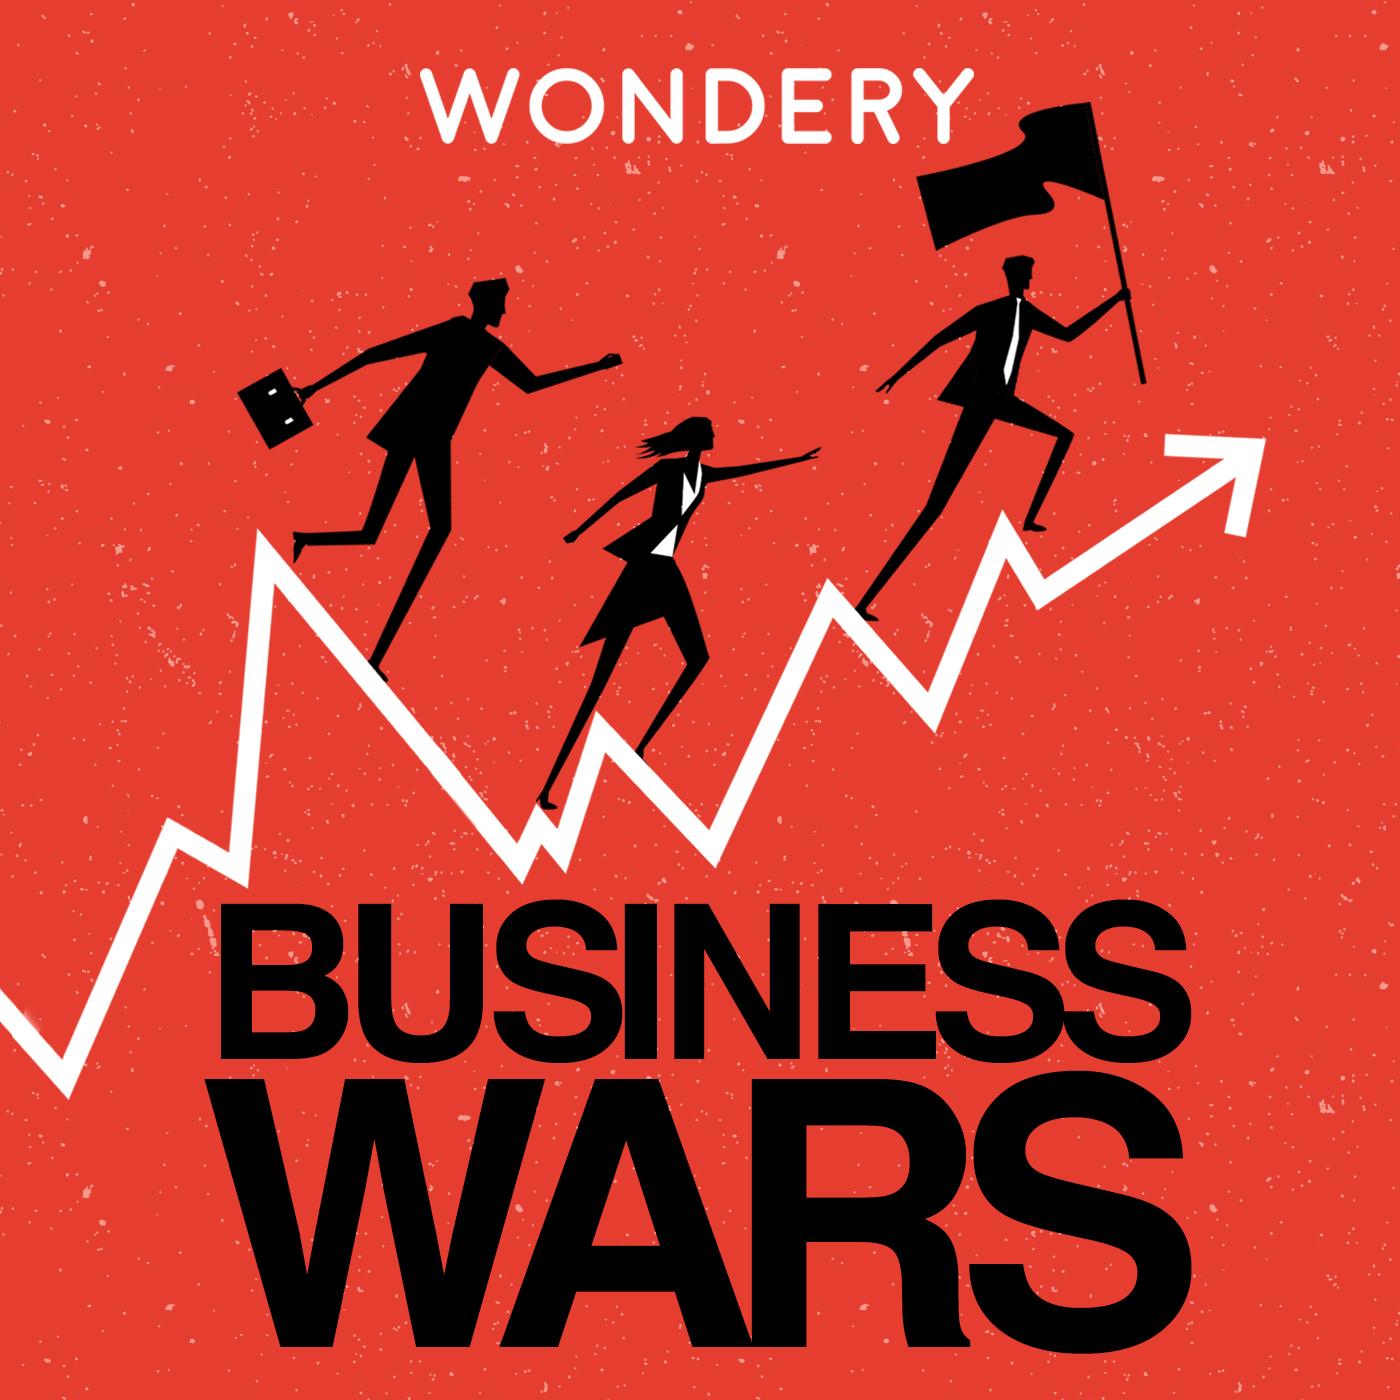 Business Wars - best entrepreneur podcasts